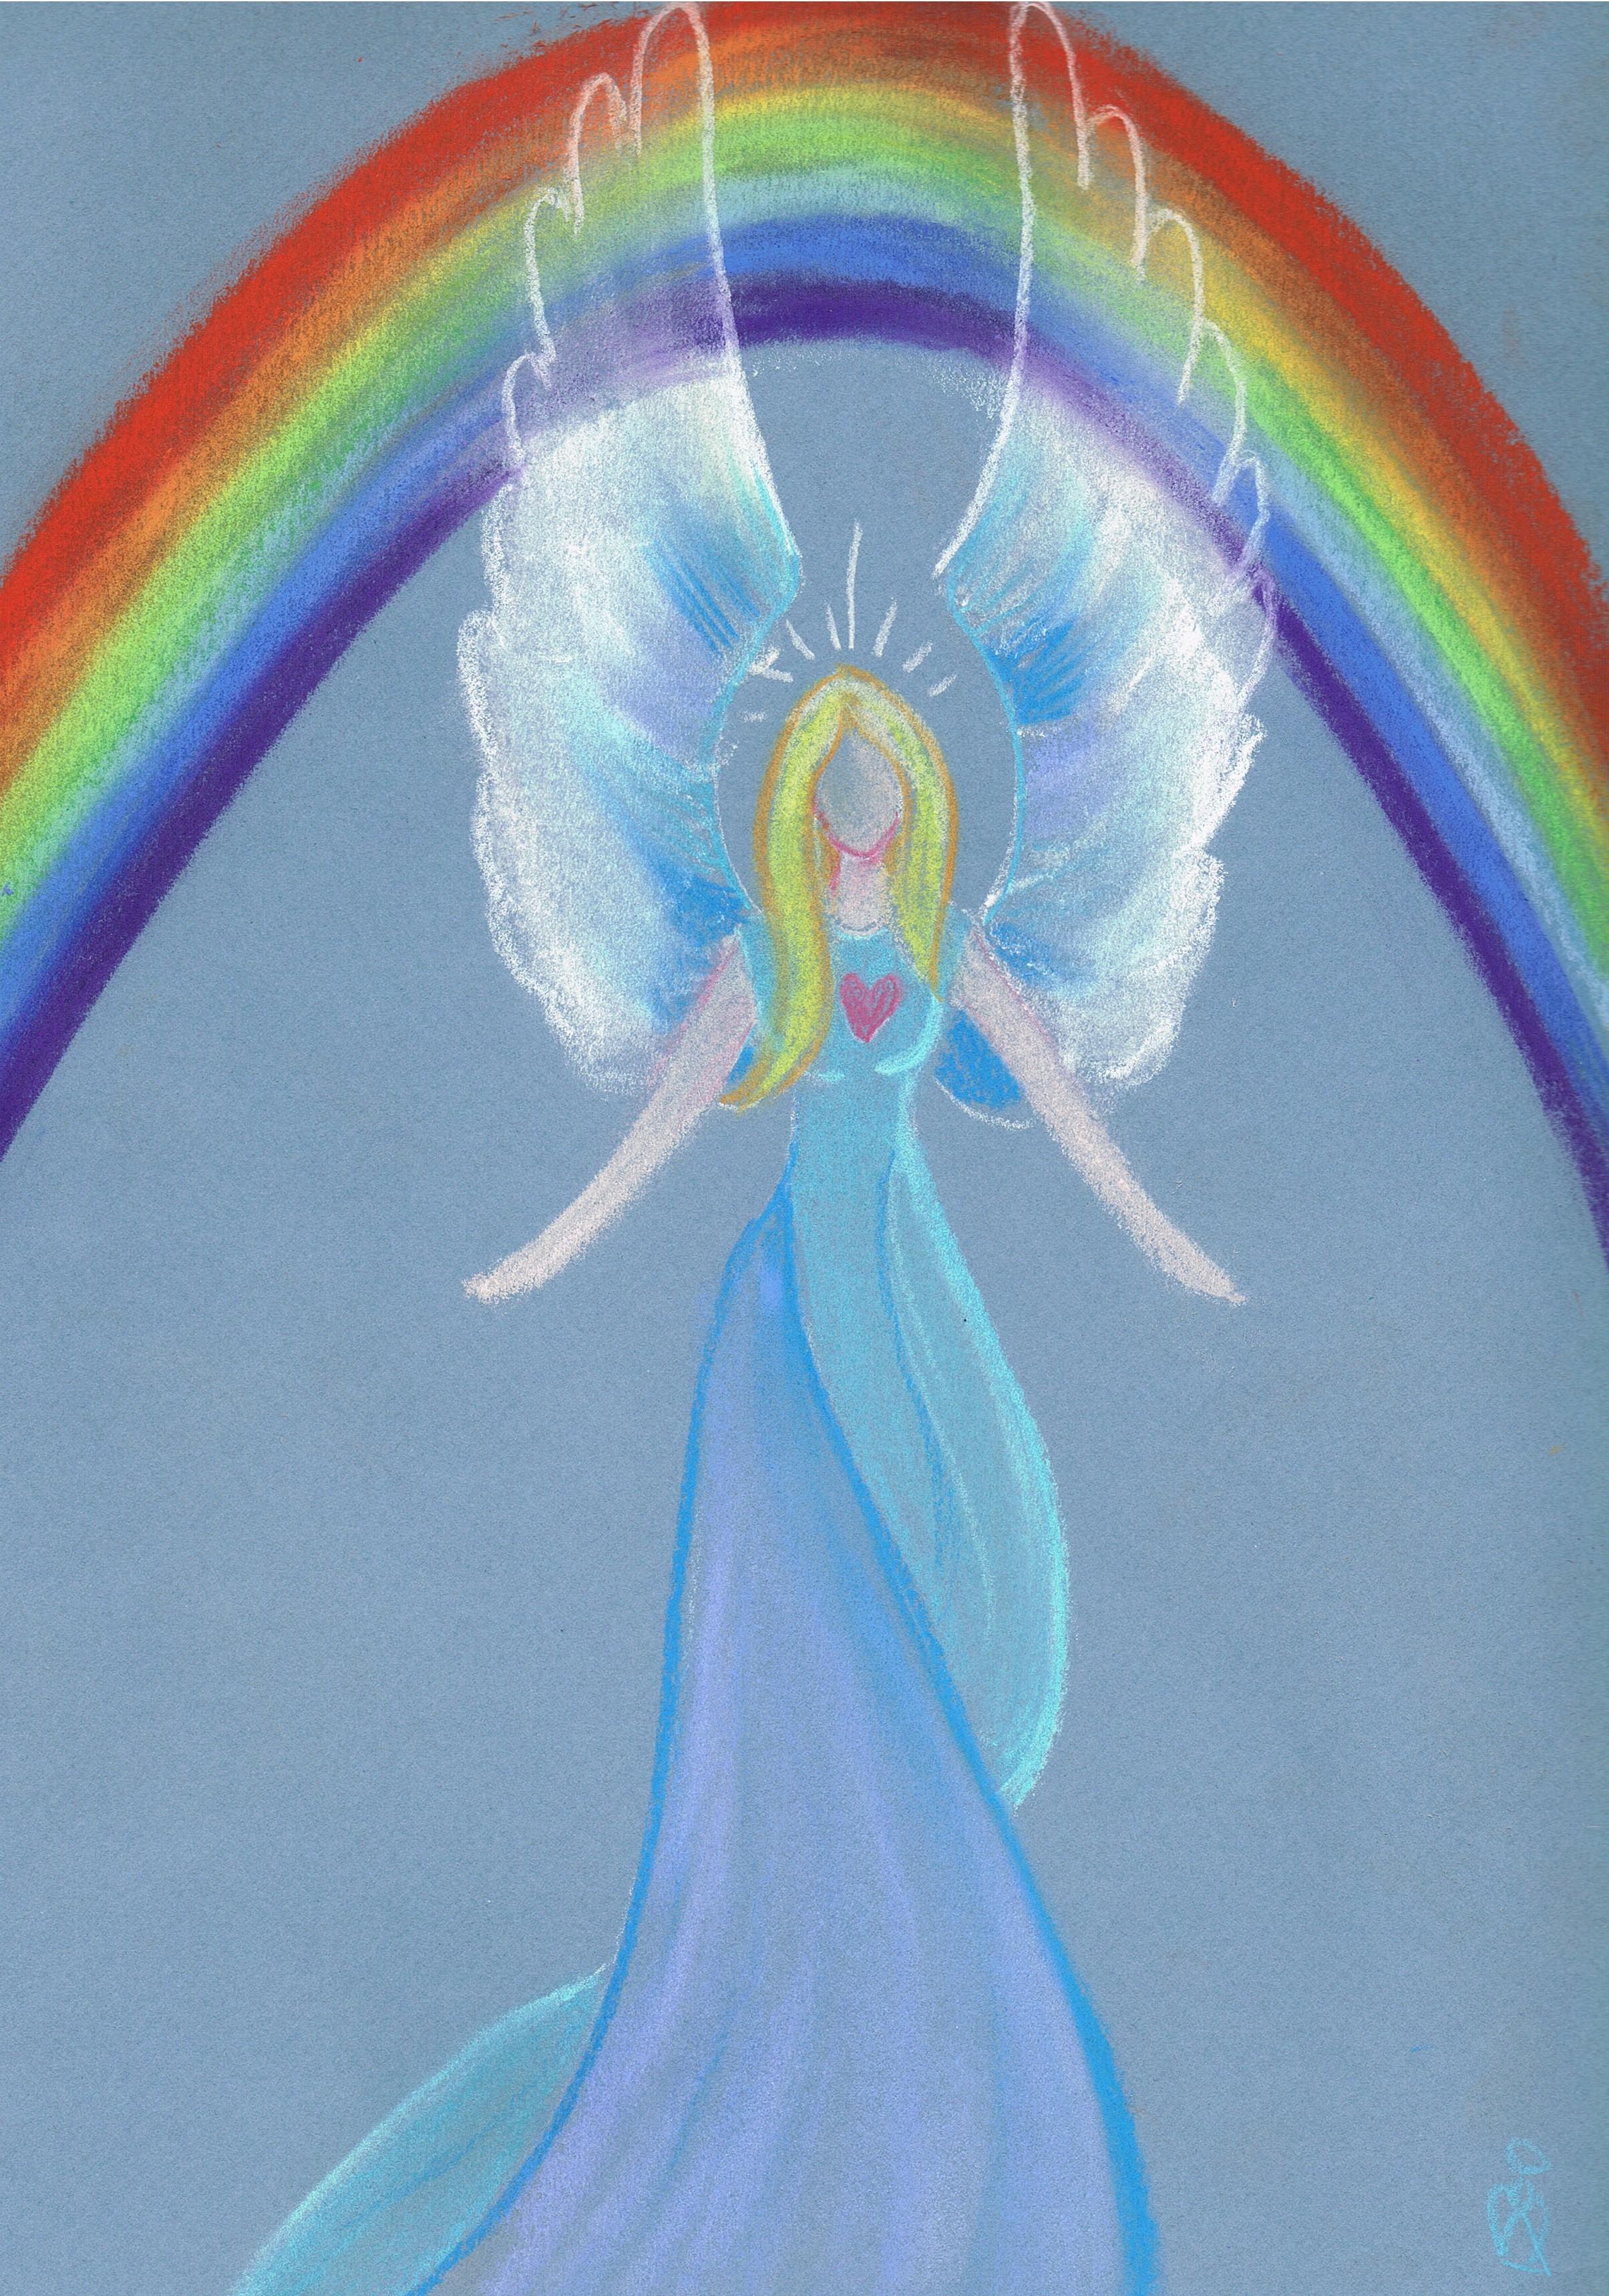 ... met liefde en zachtheid, zodat compassie nieuwe bruggen kan slaan